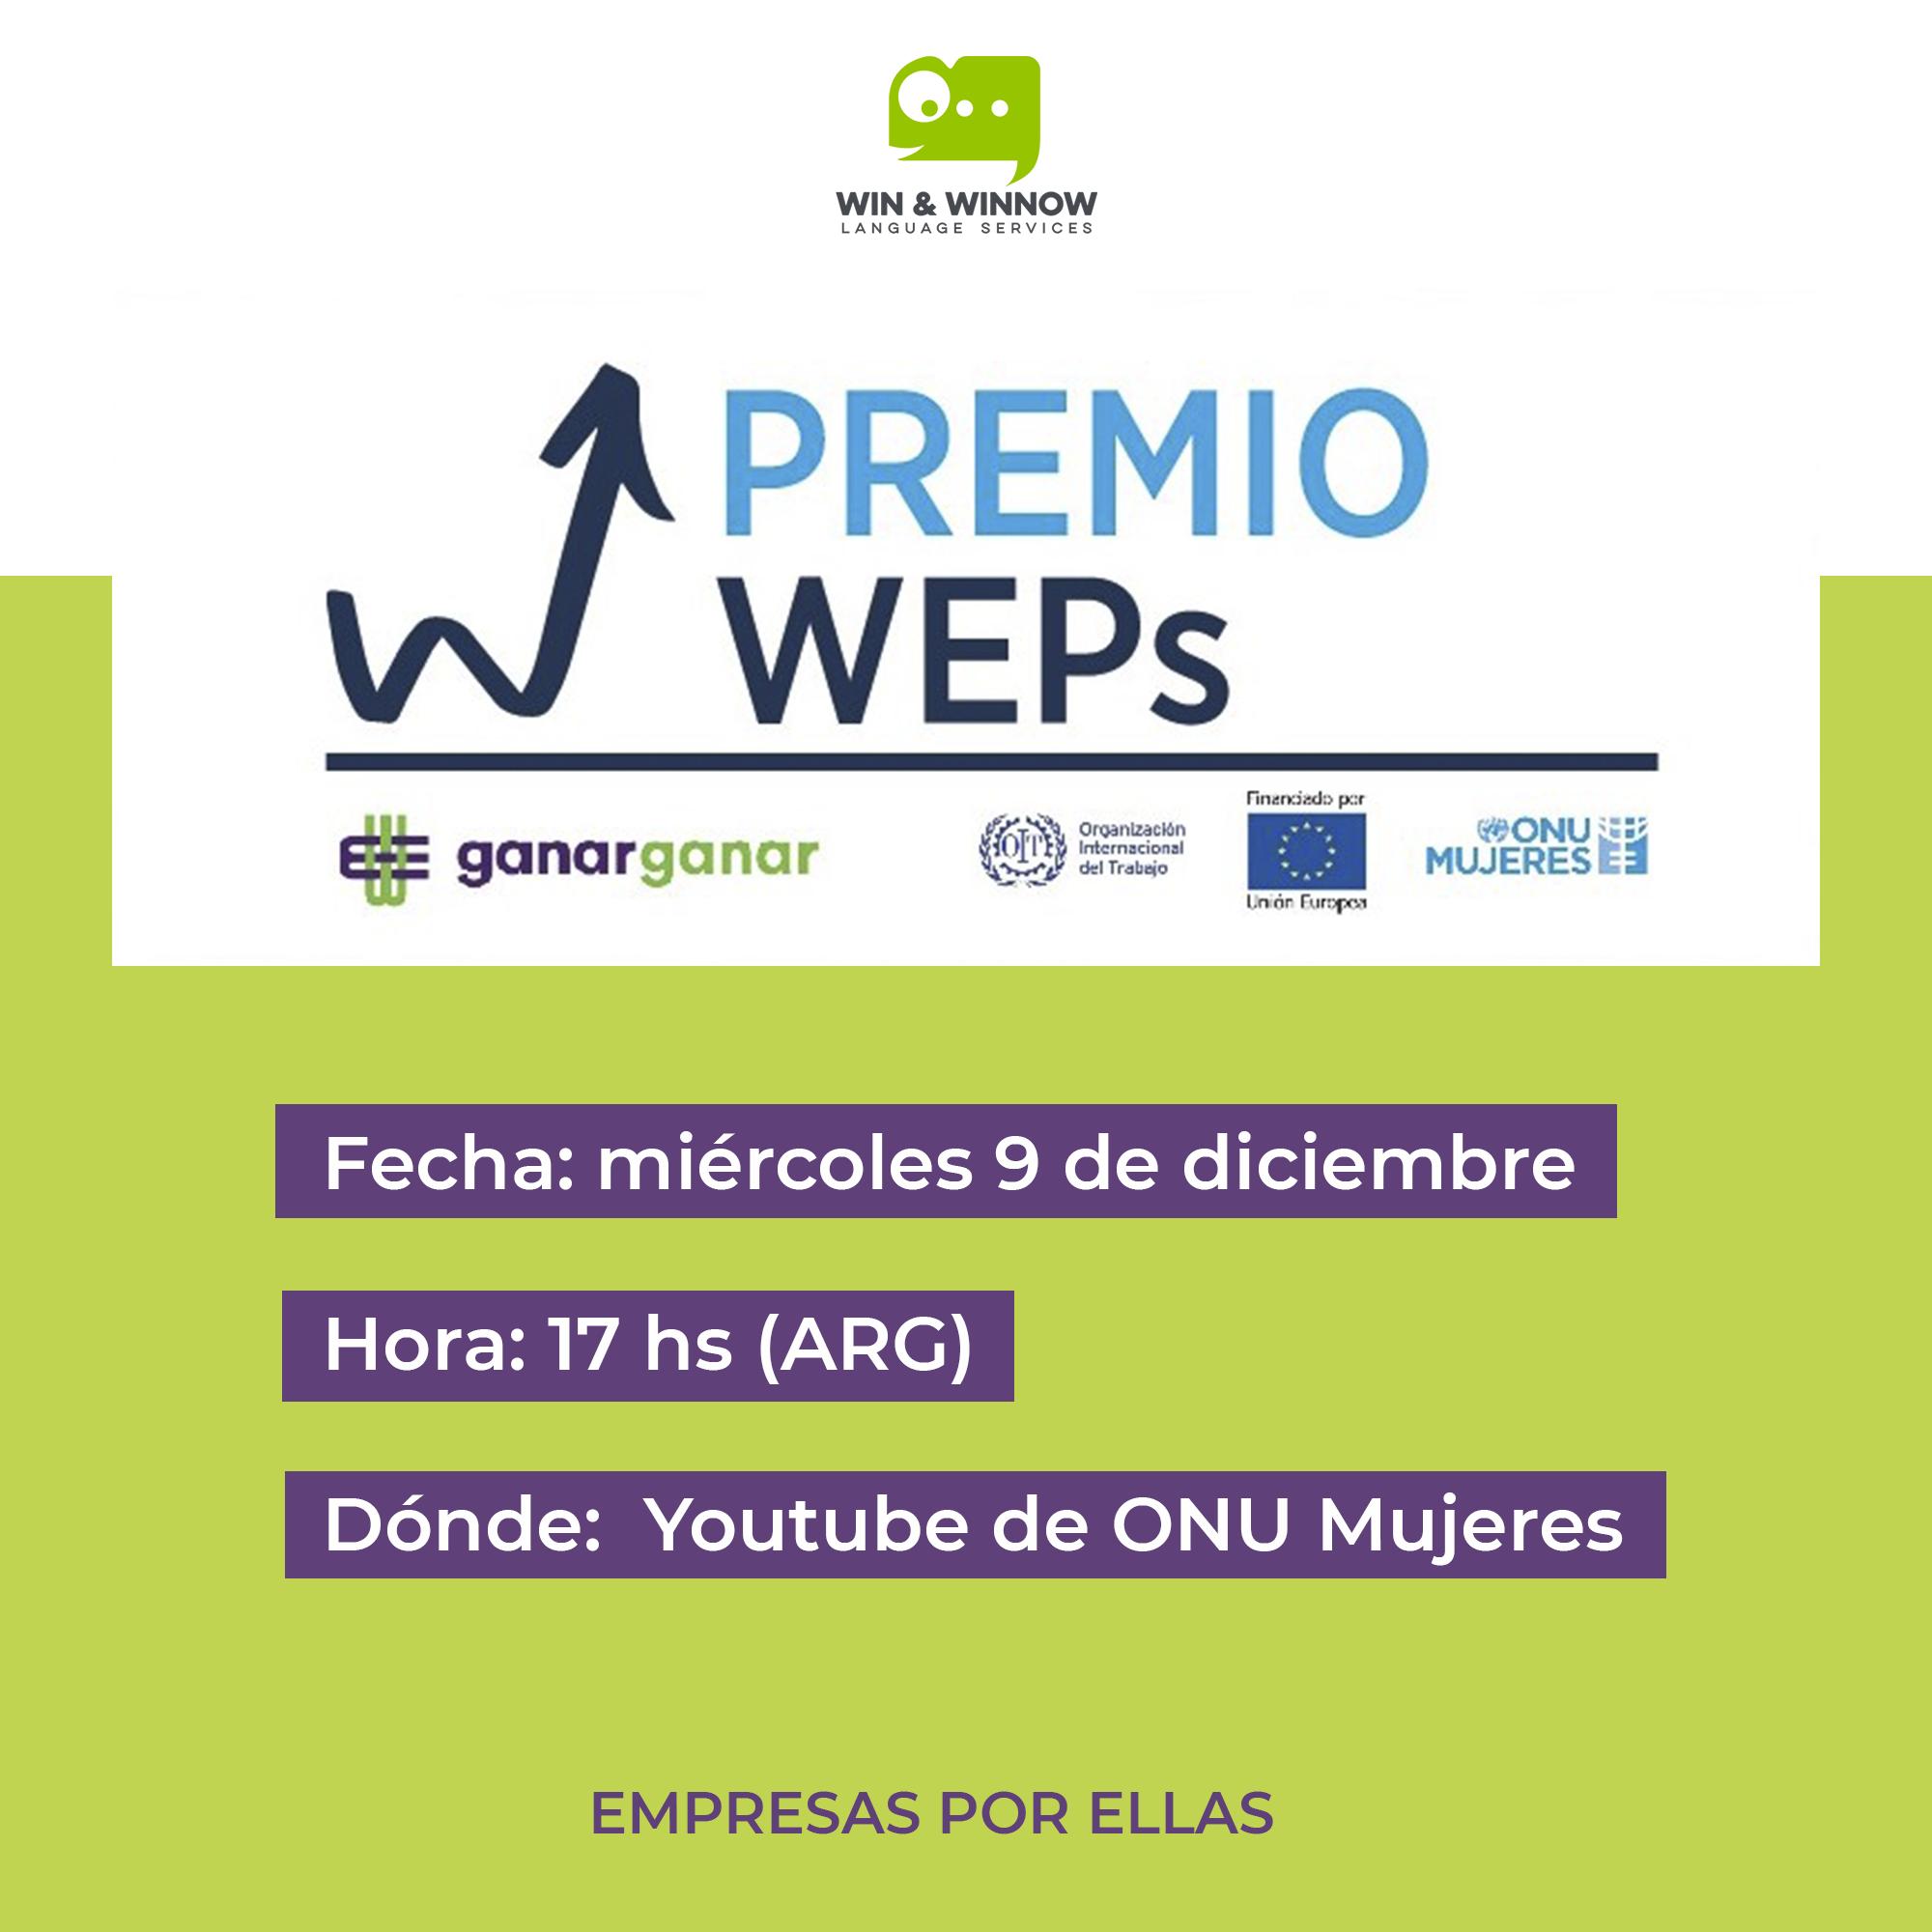 Premios WEPs Argentina Win and WInnow